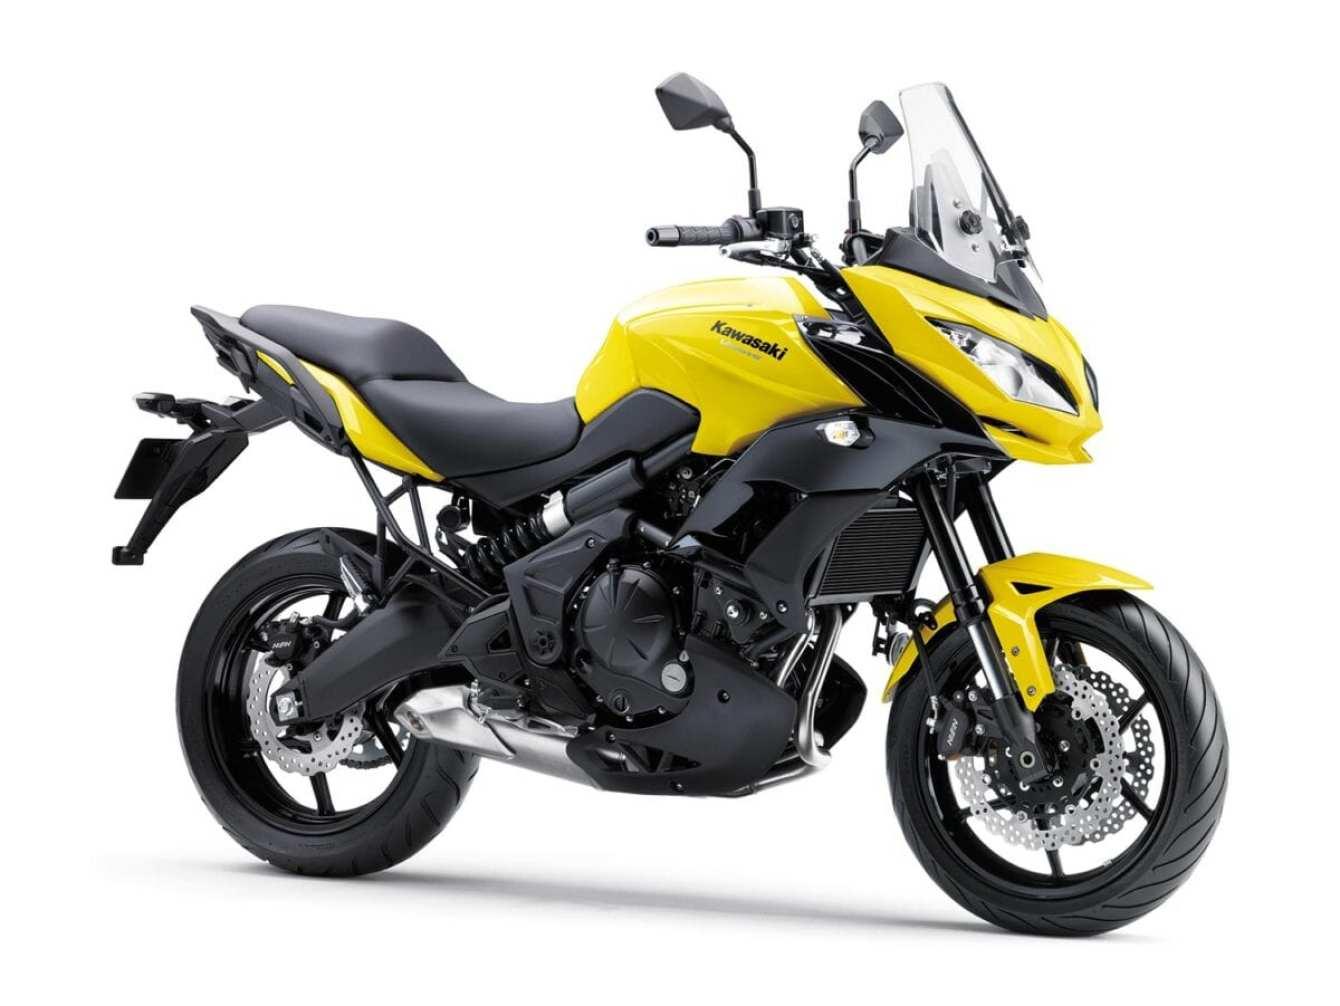 Kawasaki-Versys-650-0033